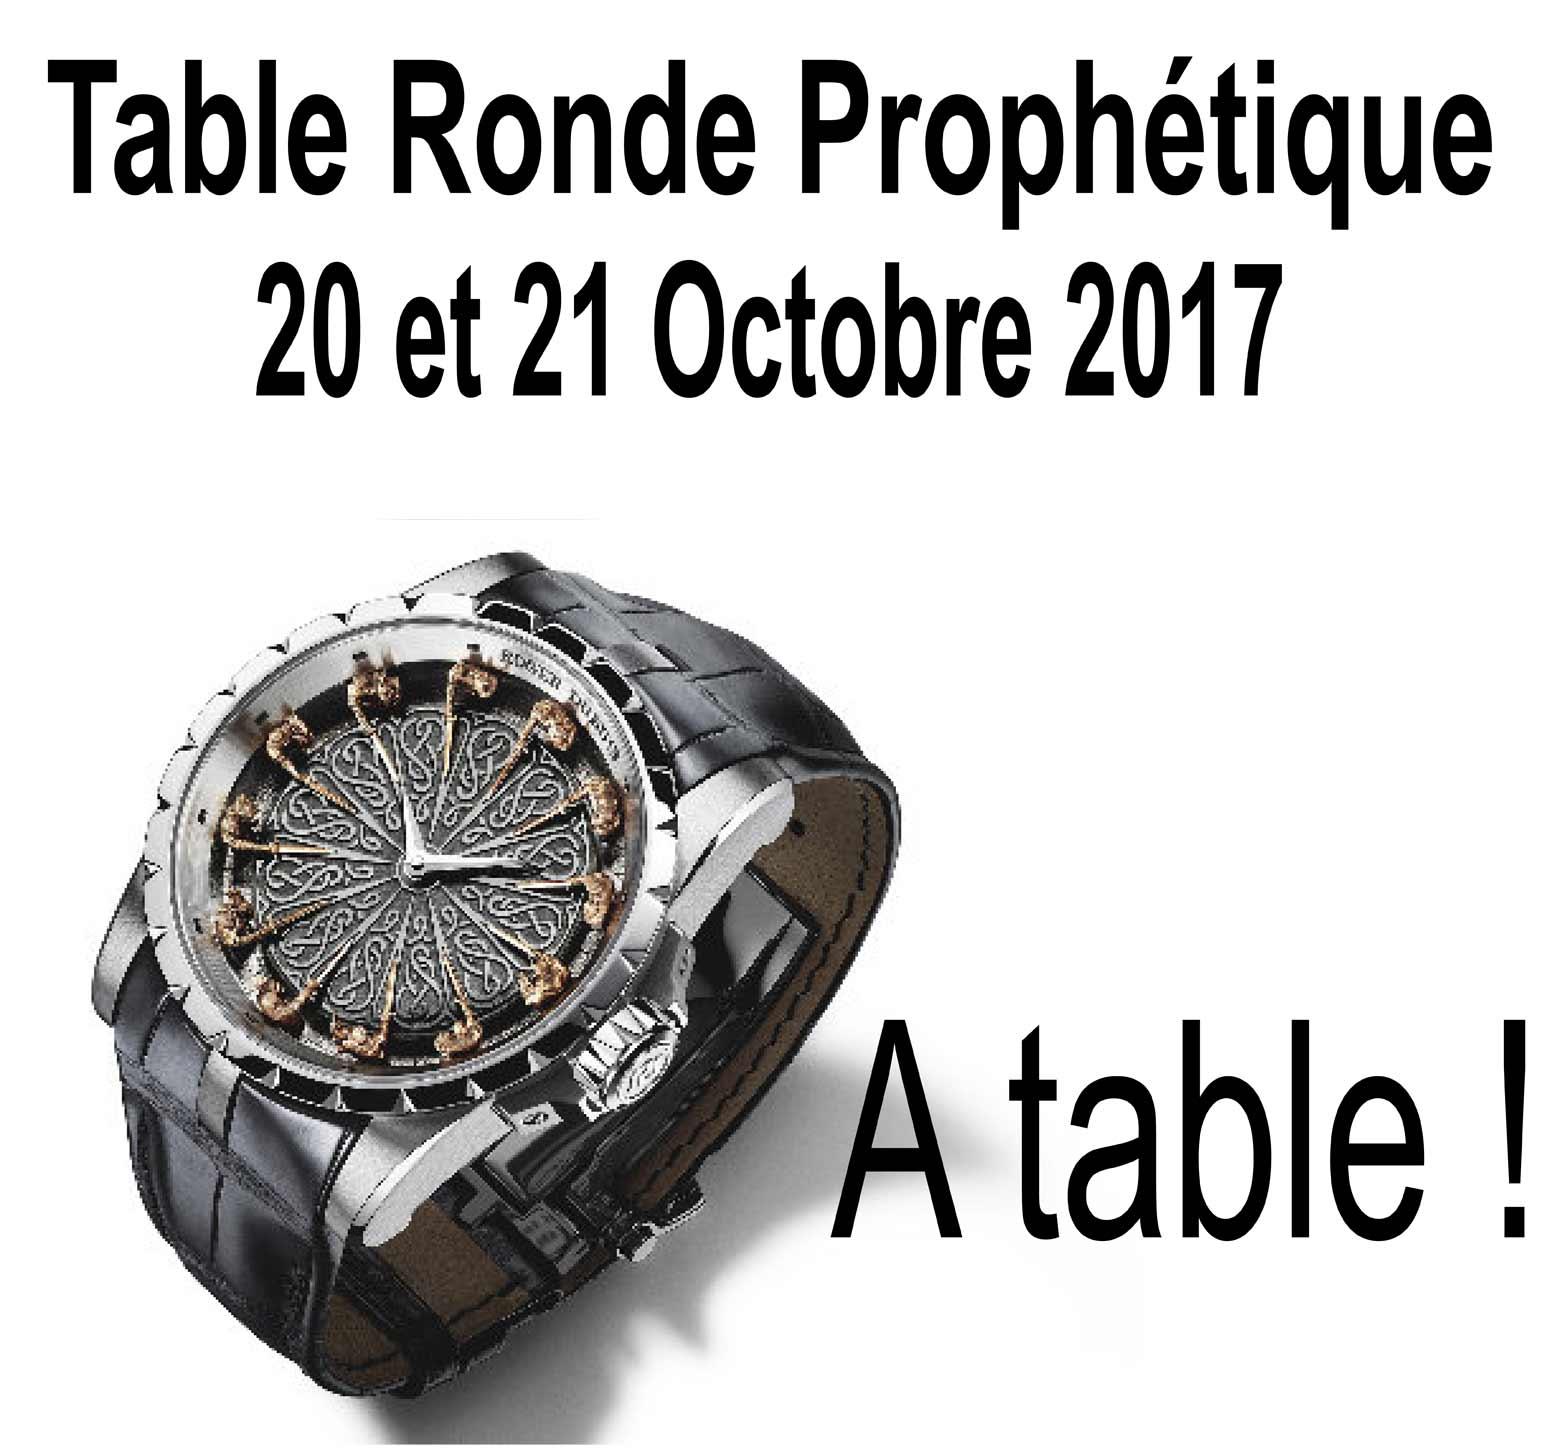 Table Ronde Prophétique